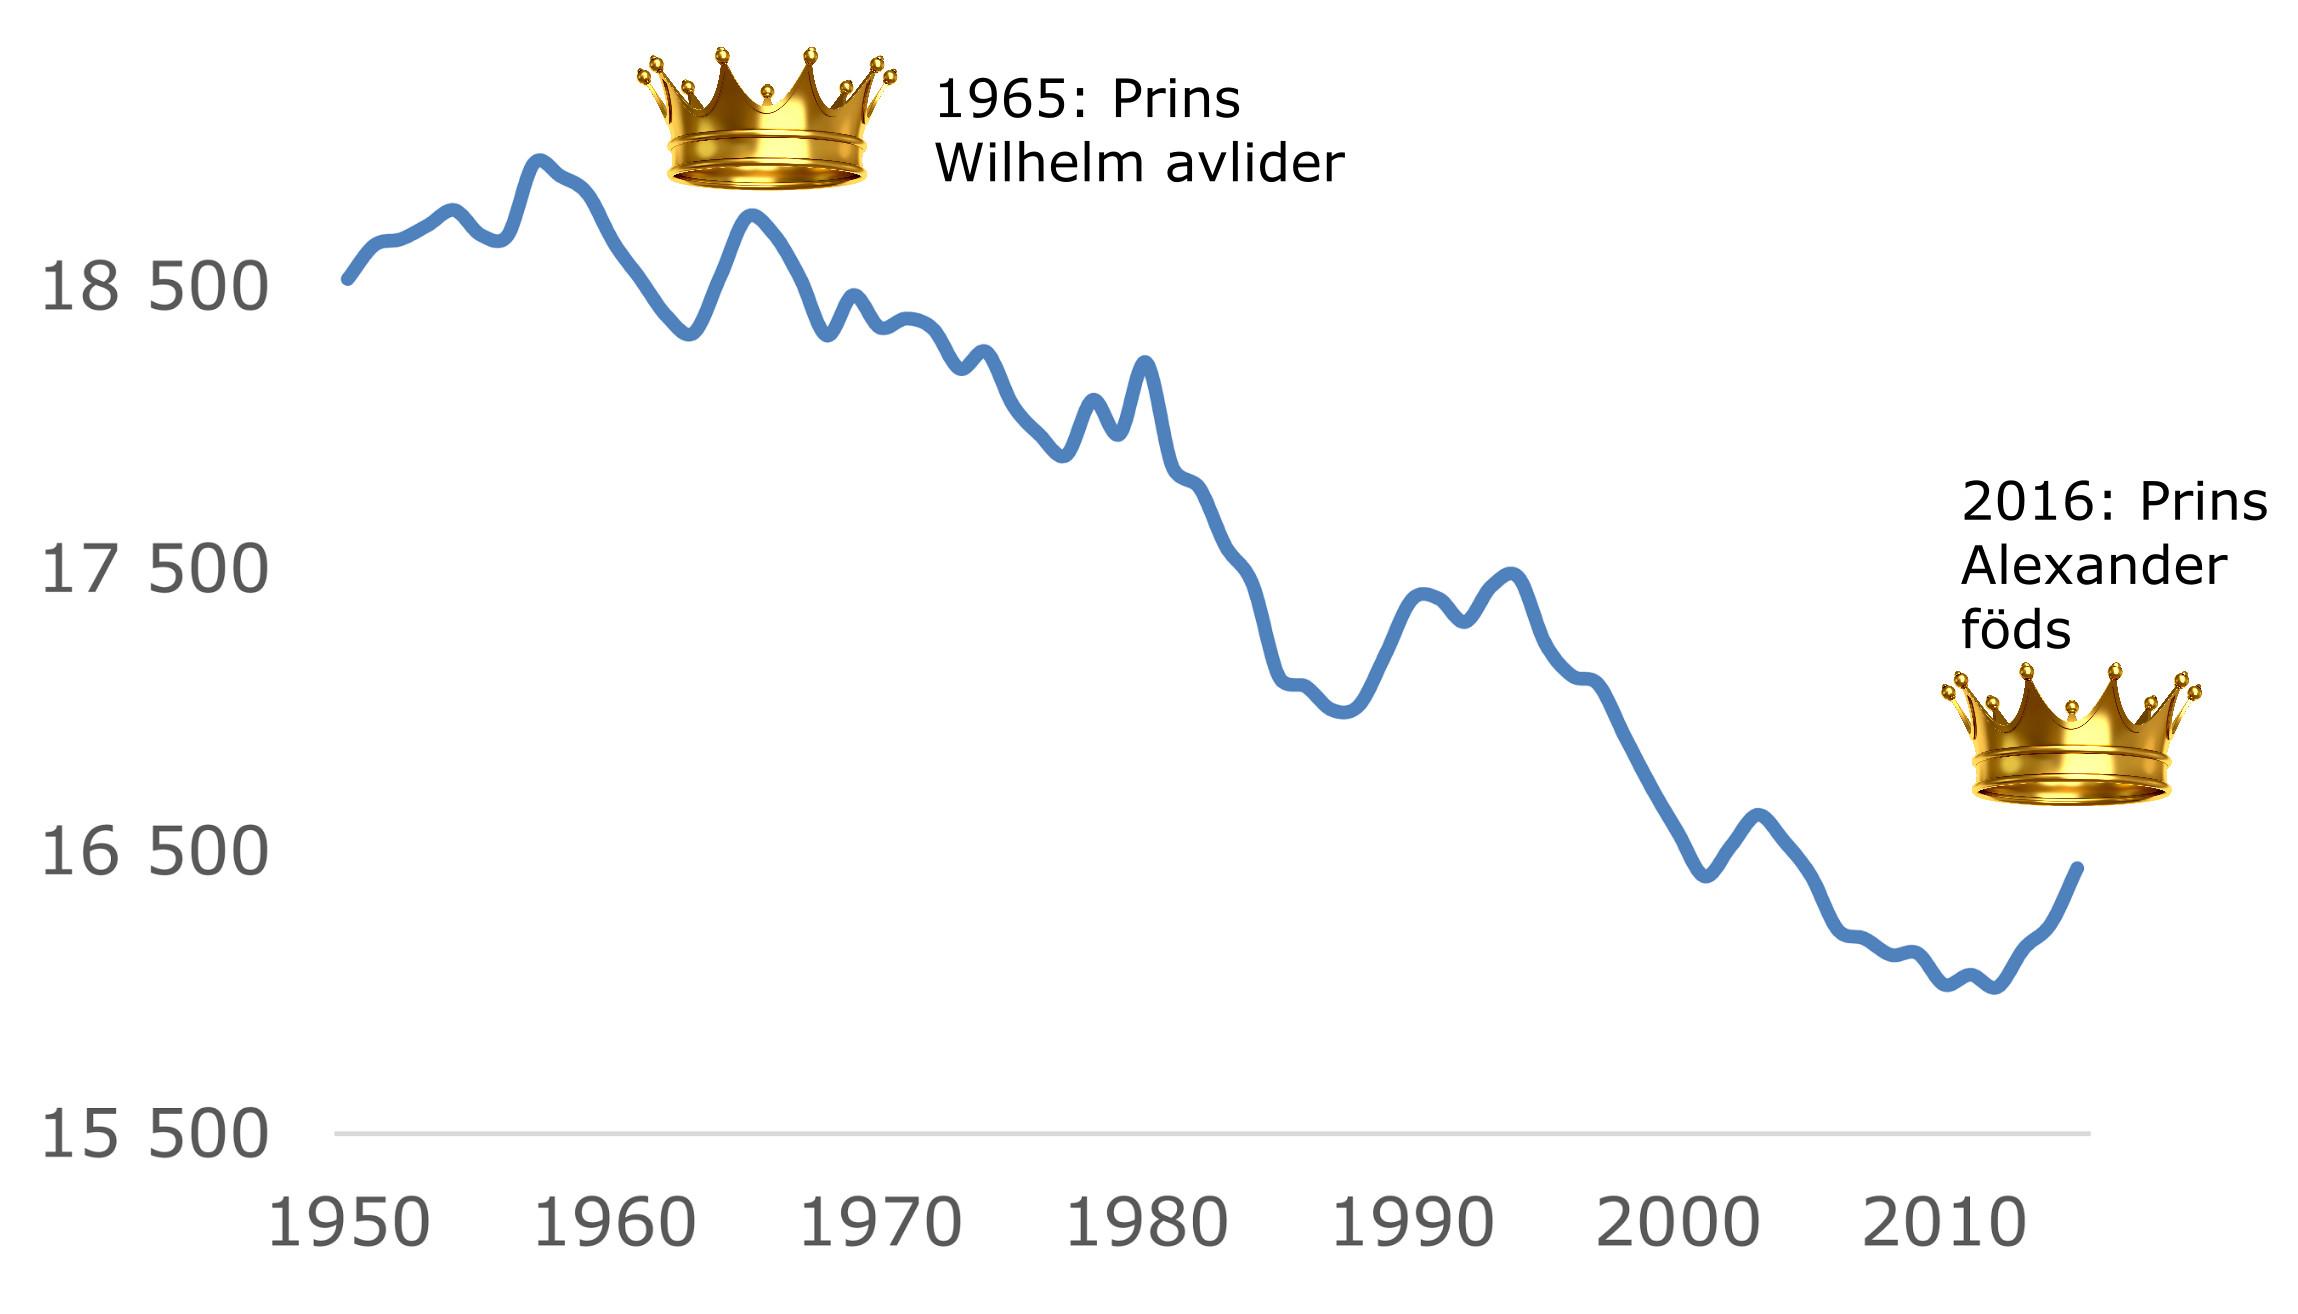 Diagram Flens befolkningsutveckling hertigarna Wilhelm och Alexander